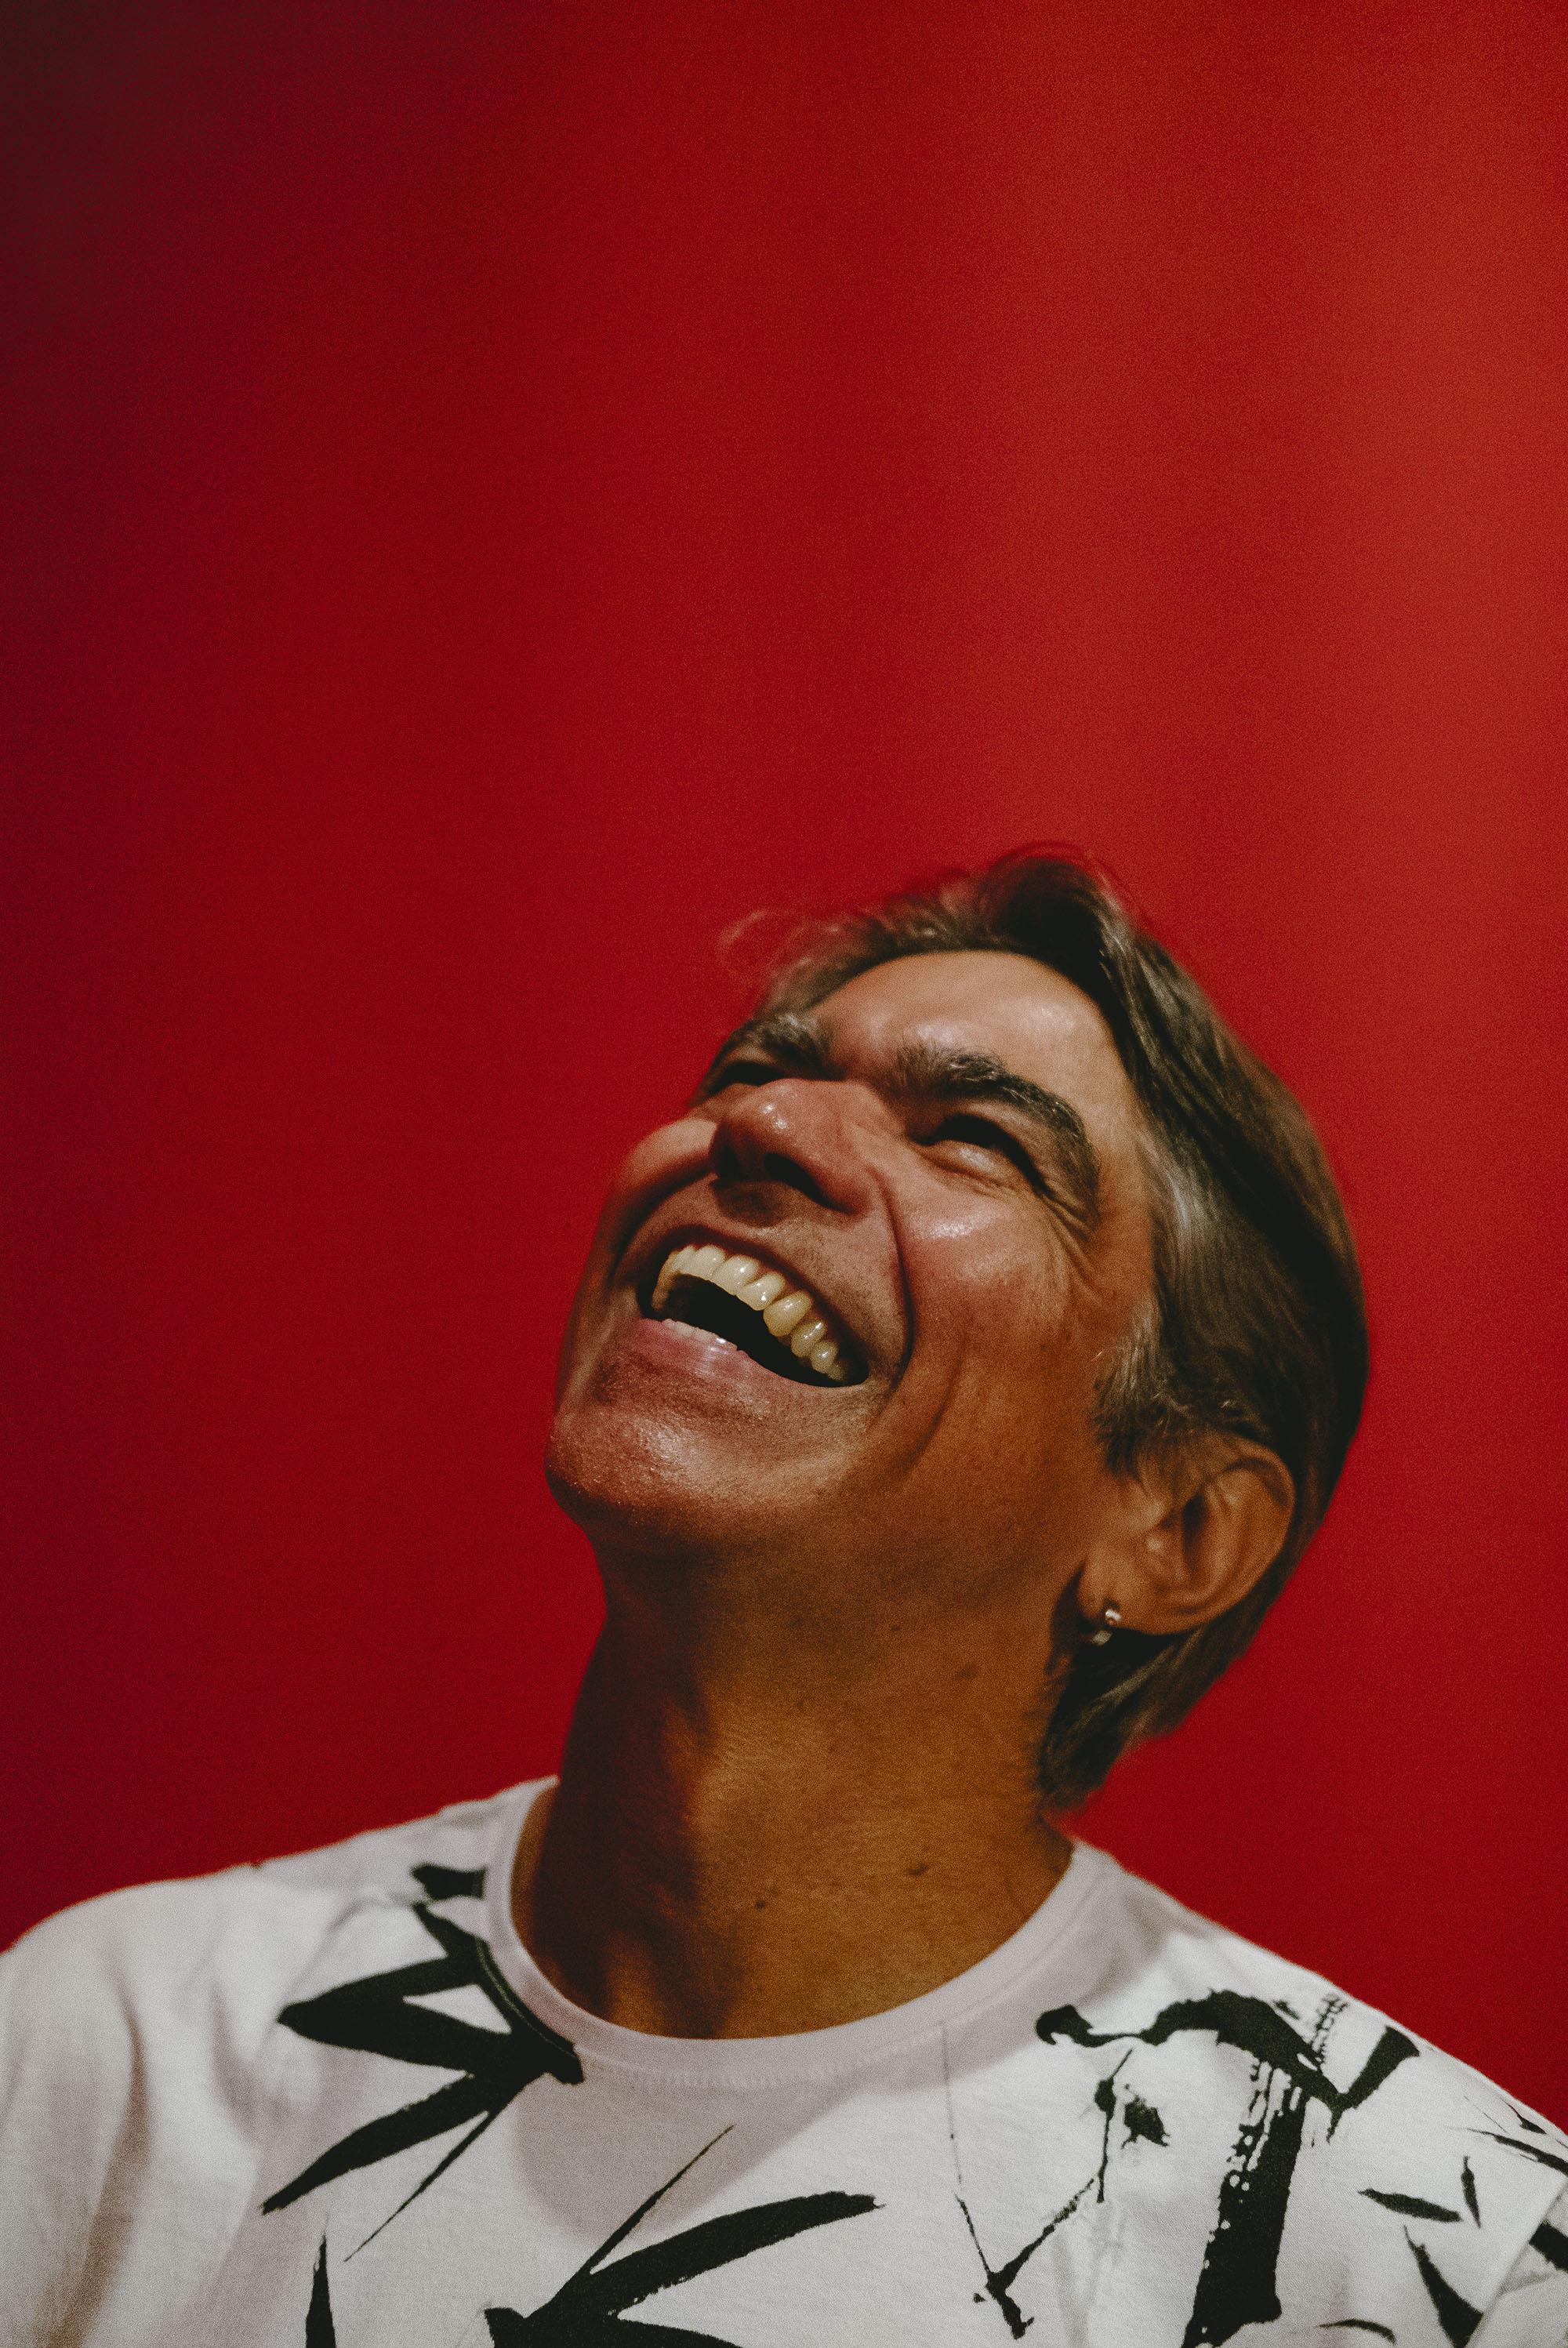 Visões-de-um-poema-sujo : exposição-lançamento-livro : Márcio Vasconcelos : Gustavo Semeghini : Blog -050.jpg